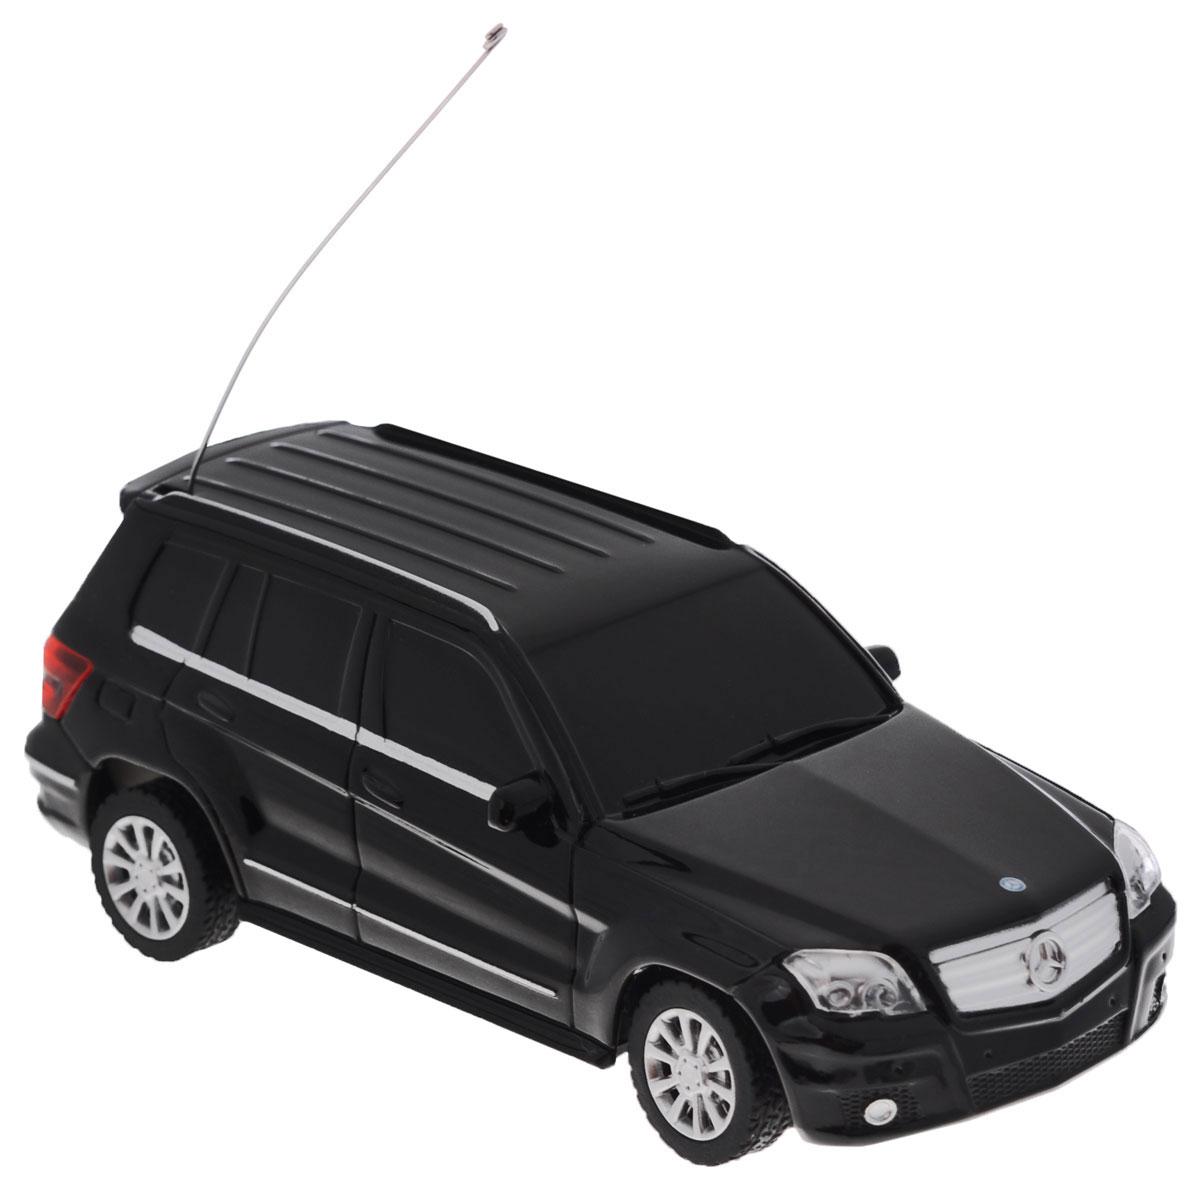 Rastar Радиоуправляемая модель Mercedes-Benz GLK-Class цвет черный32000_черныйРадиоуправляемая модель Rastar Mercedes-Benz GLK-Class станет отличным подарком любому мальчику! Все дети хотят иметь в наборе своих игрушек ослепительные, невероятные и крутые автомобили на радиоуправлении. Тем более, если это автомобиль известной марки с проработкой всех деталей, удивляющий приятным качеством и видом. Одной из таких моделей является автомобиль на радиоуправлении Rastar Mercedes-Benz GLK-Class. Это точная копия настоящего авто в масштабе 1:43. Возможные движения: вперед, назад, вправо, влево, остановка. Имеются световые эффекты. Пульт управления работает на частоте 27 MHz. Для работы игрушки необходимы 2 батарейки типа ААА (не входят в комплект). Для работы пульта управления необходимы 2 батарейки типа АА (не входят в комплект).